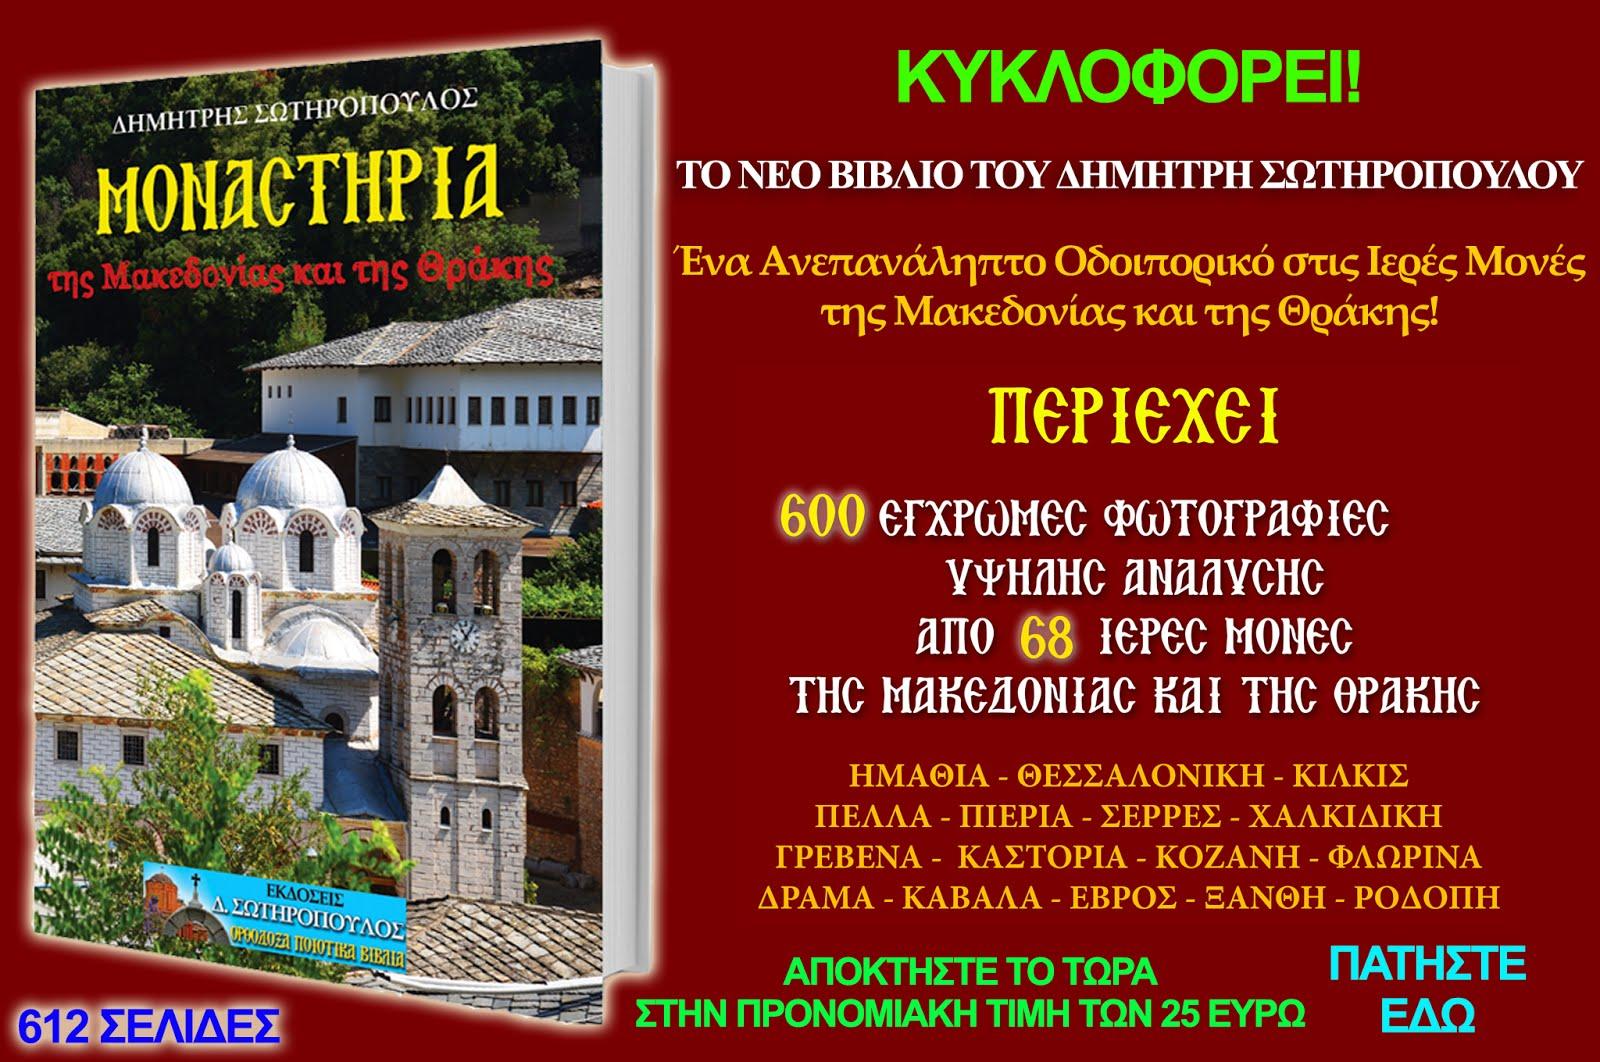 Αποκτήστε το νέο βιβλίο του Δ. Σωτηρόπουλου - Πατήστε πάνω στην εικόνα!